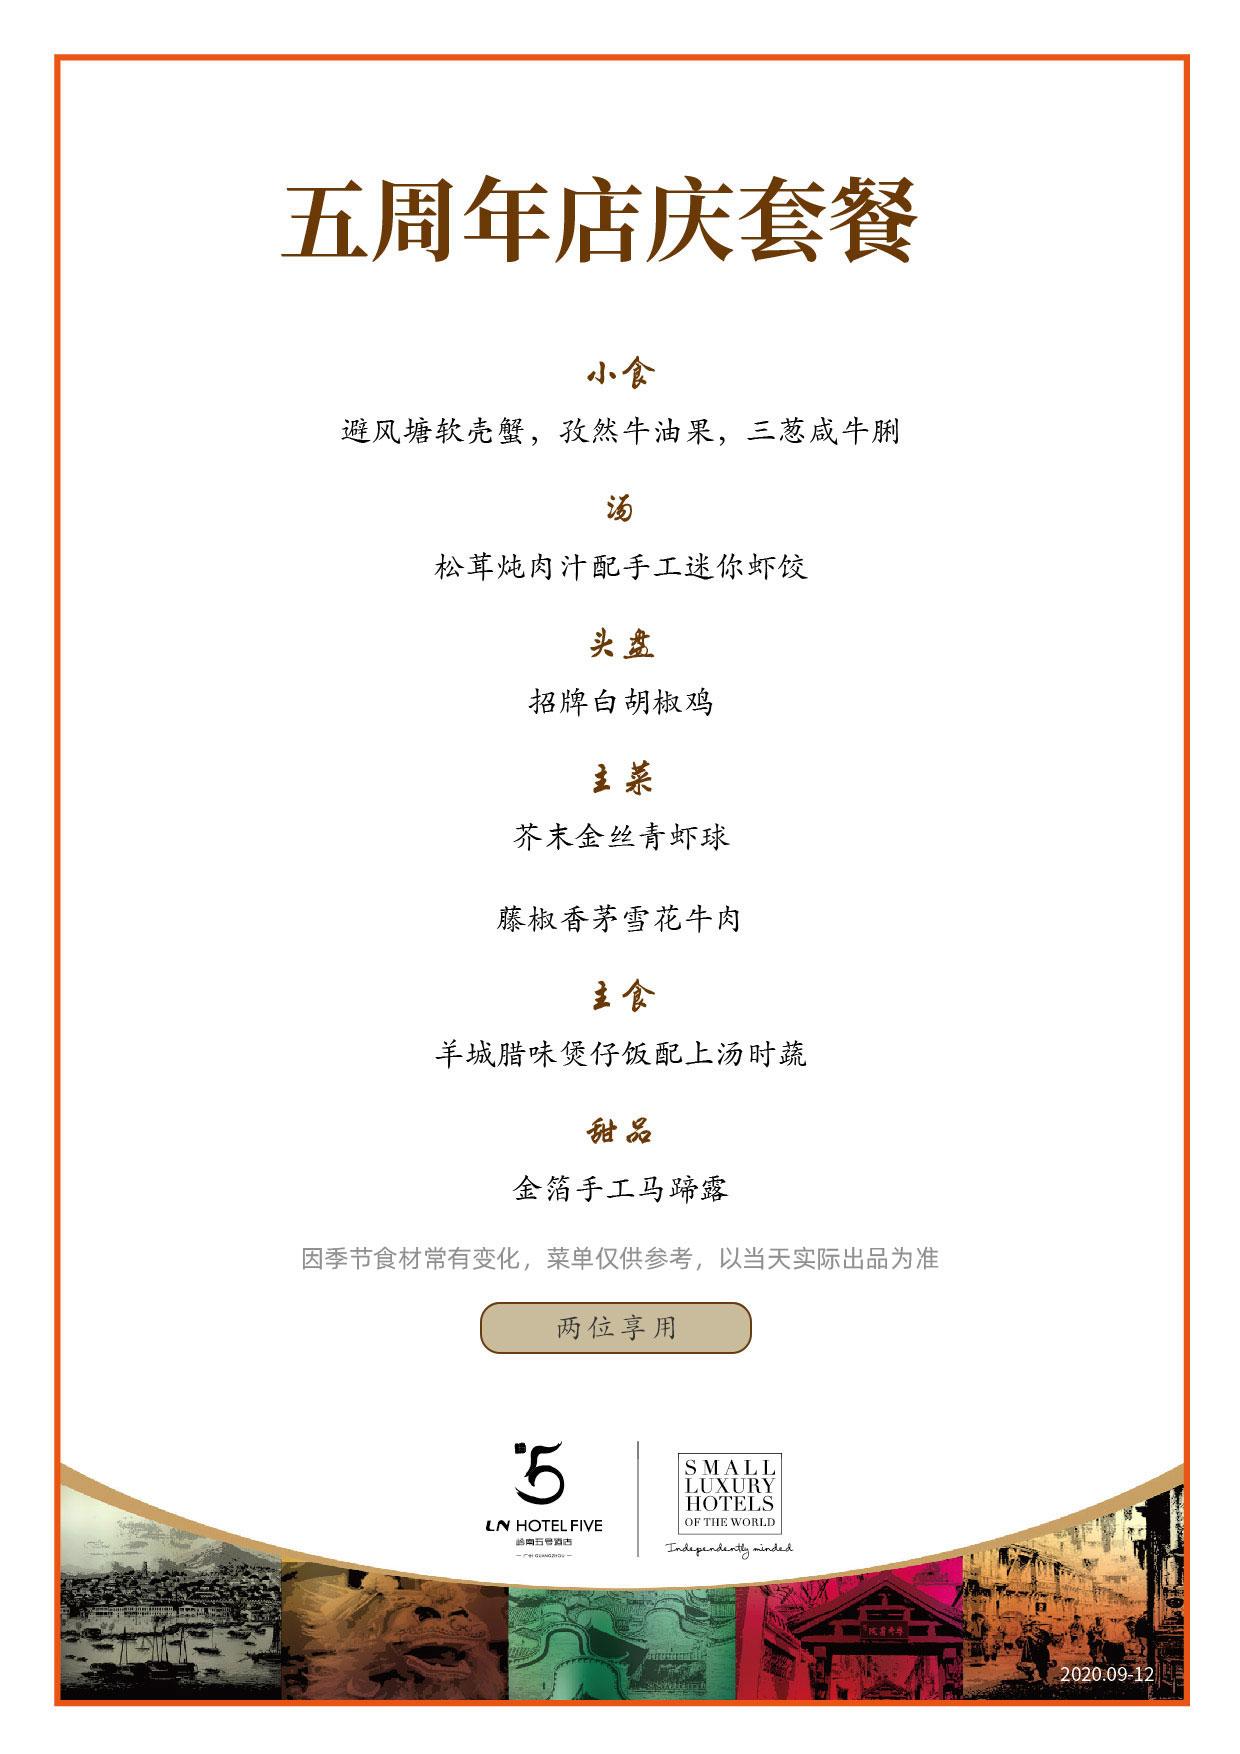 04五周年店庆套餐(2).jpg